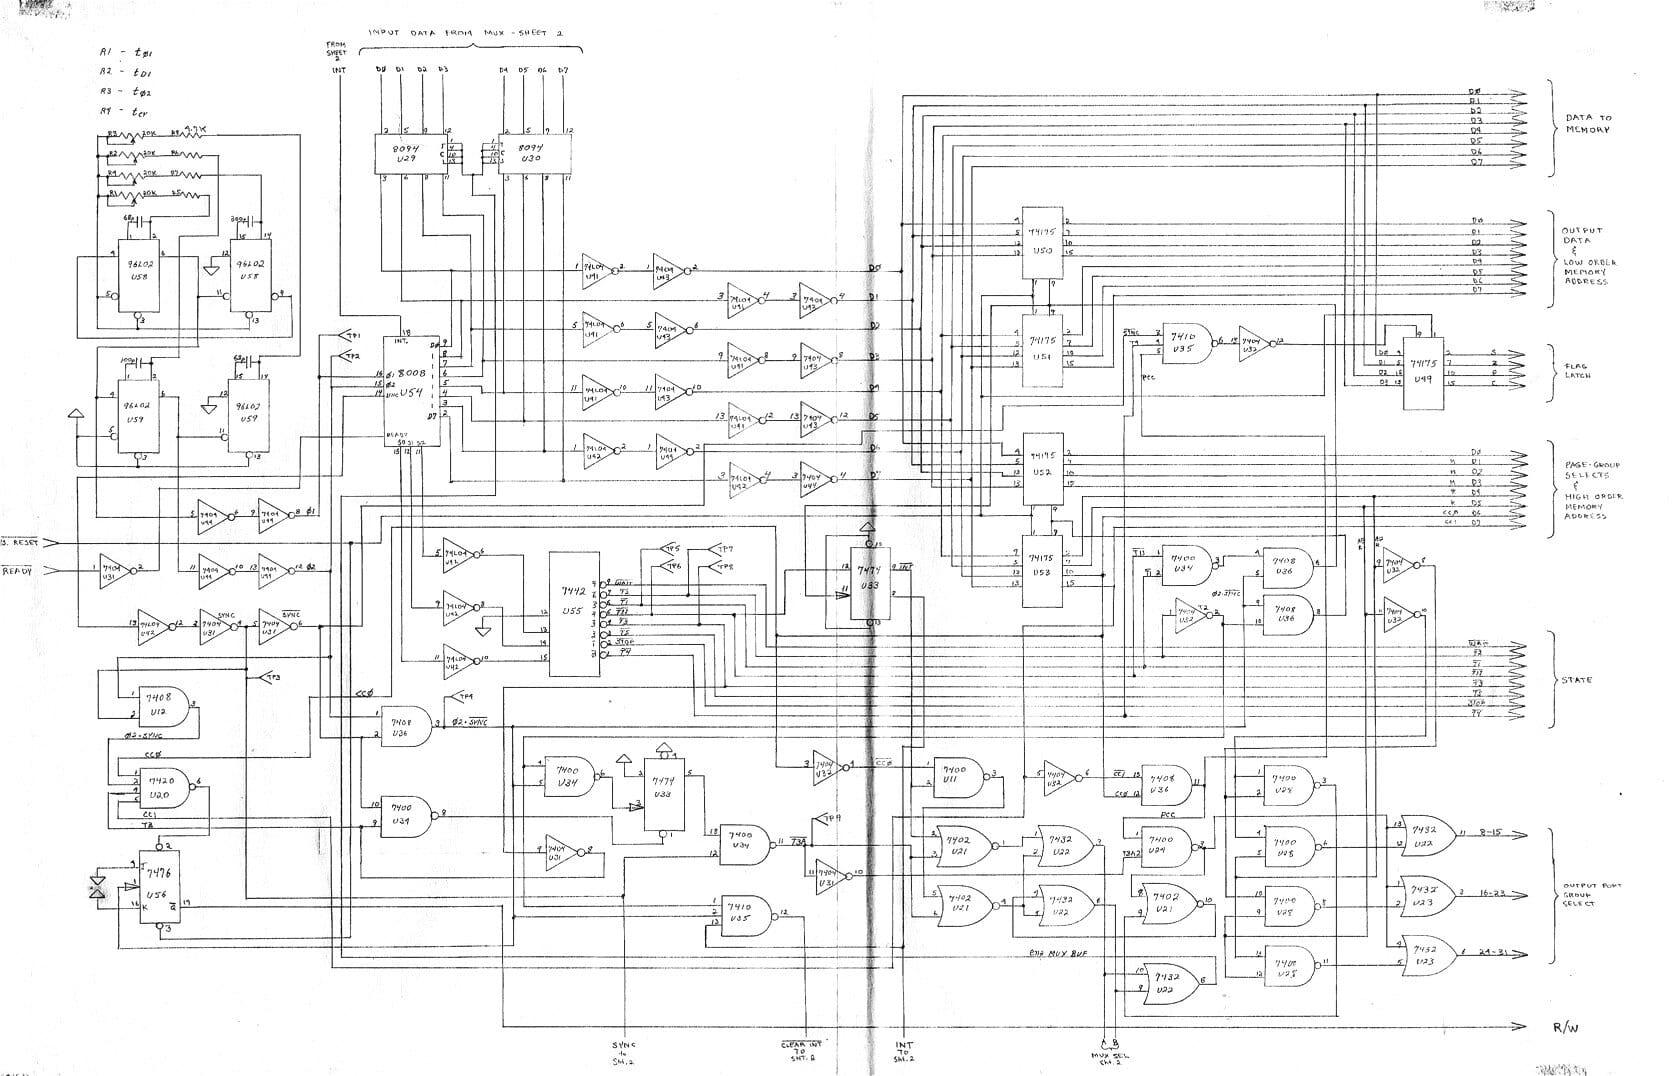 Homebrew Computer Schematics